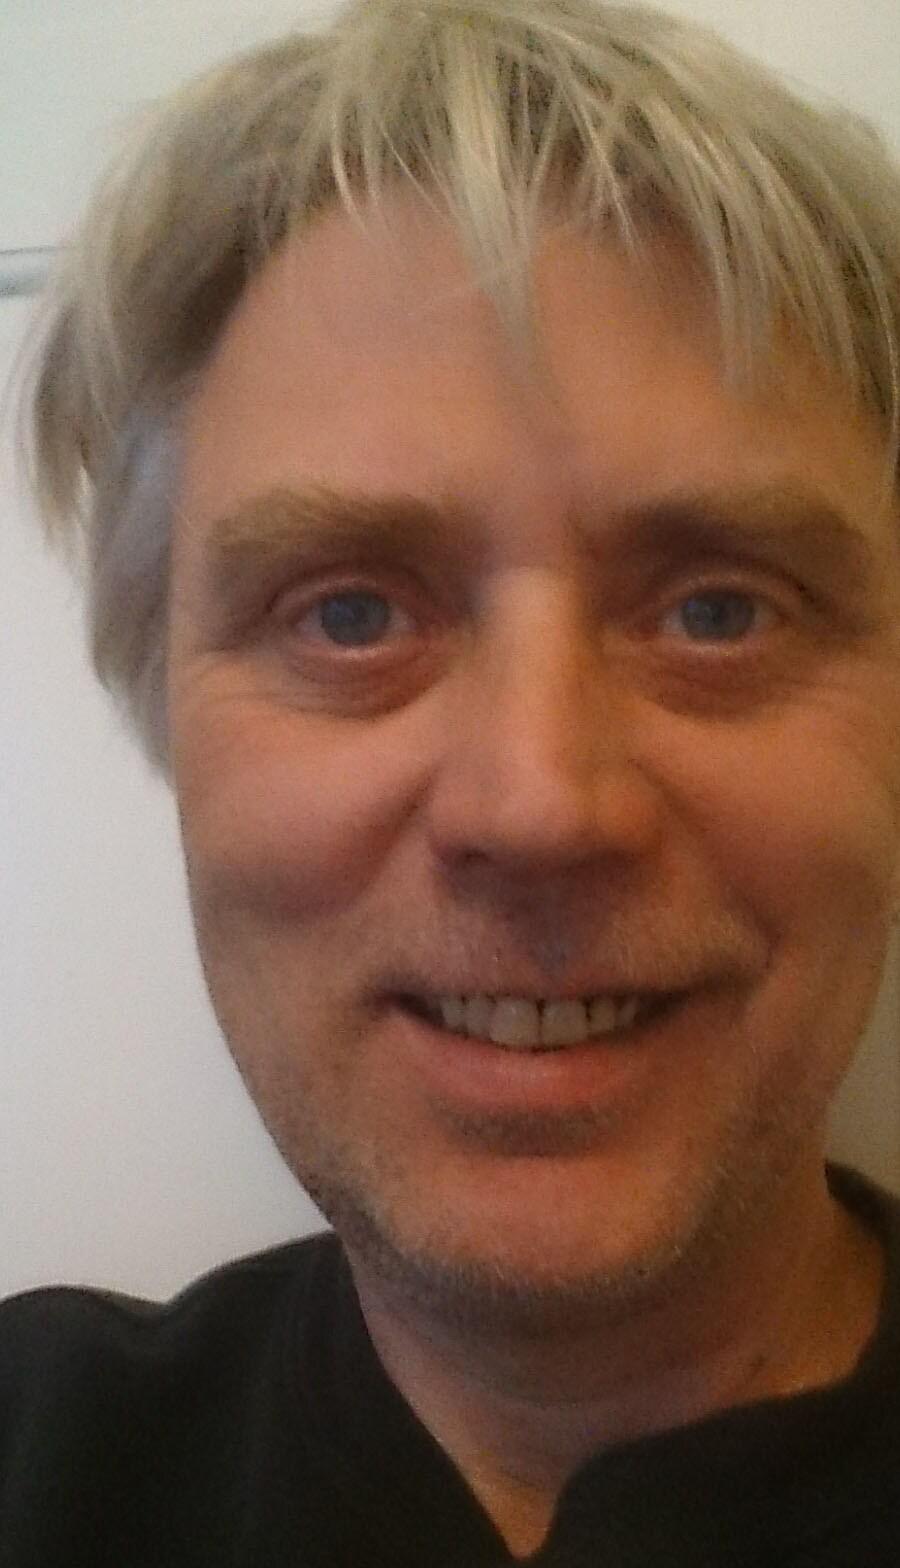 Niklas from Västervik